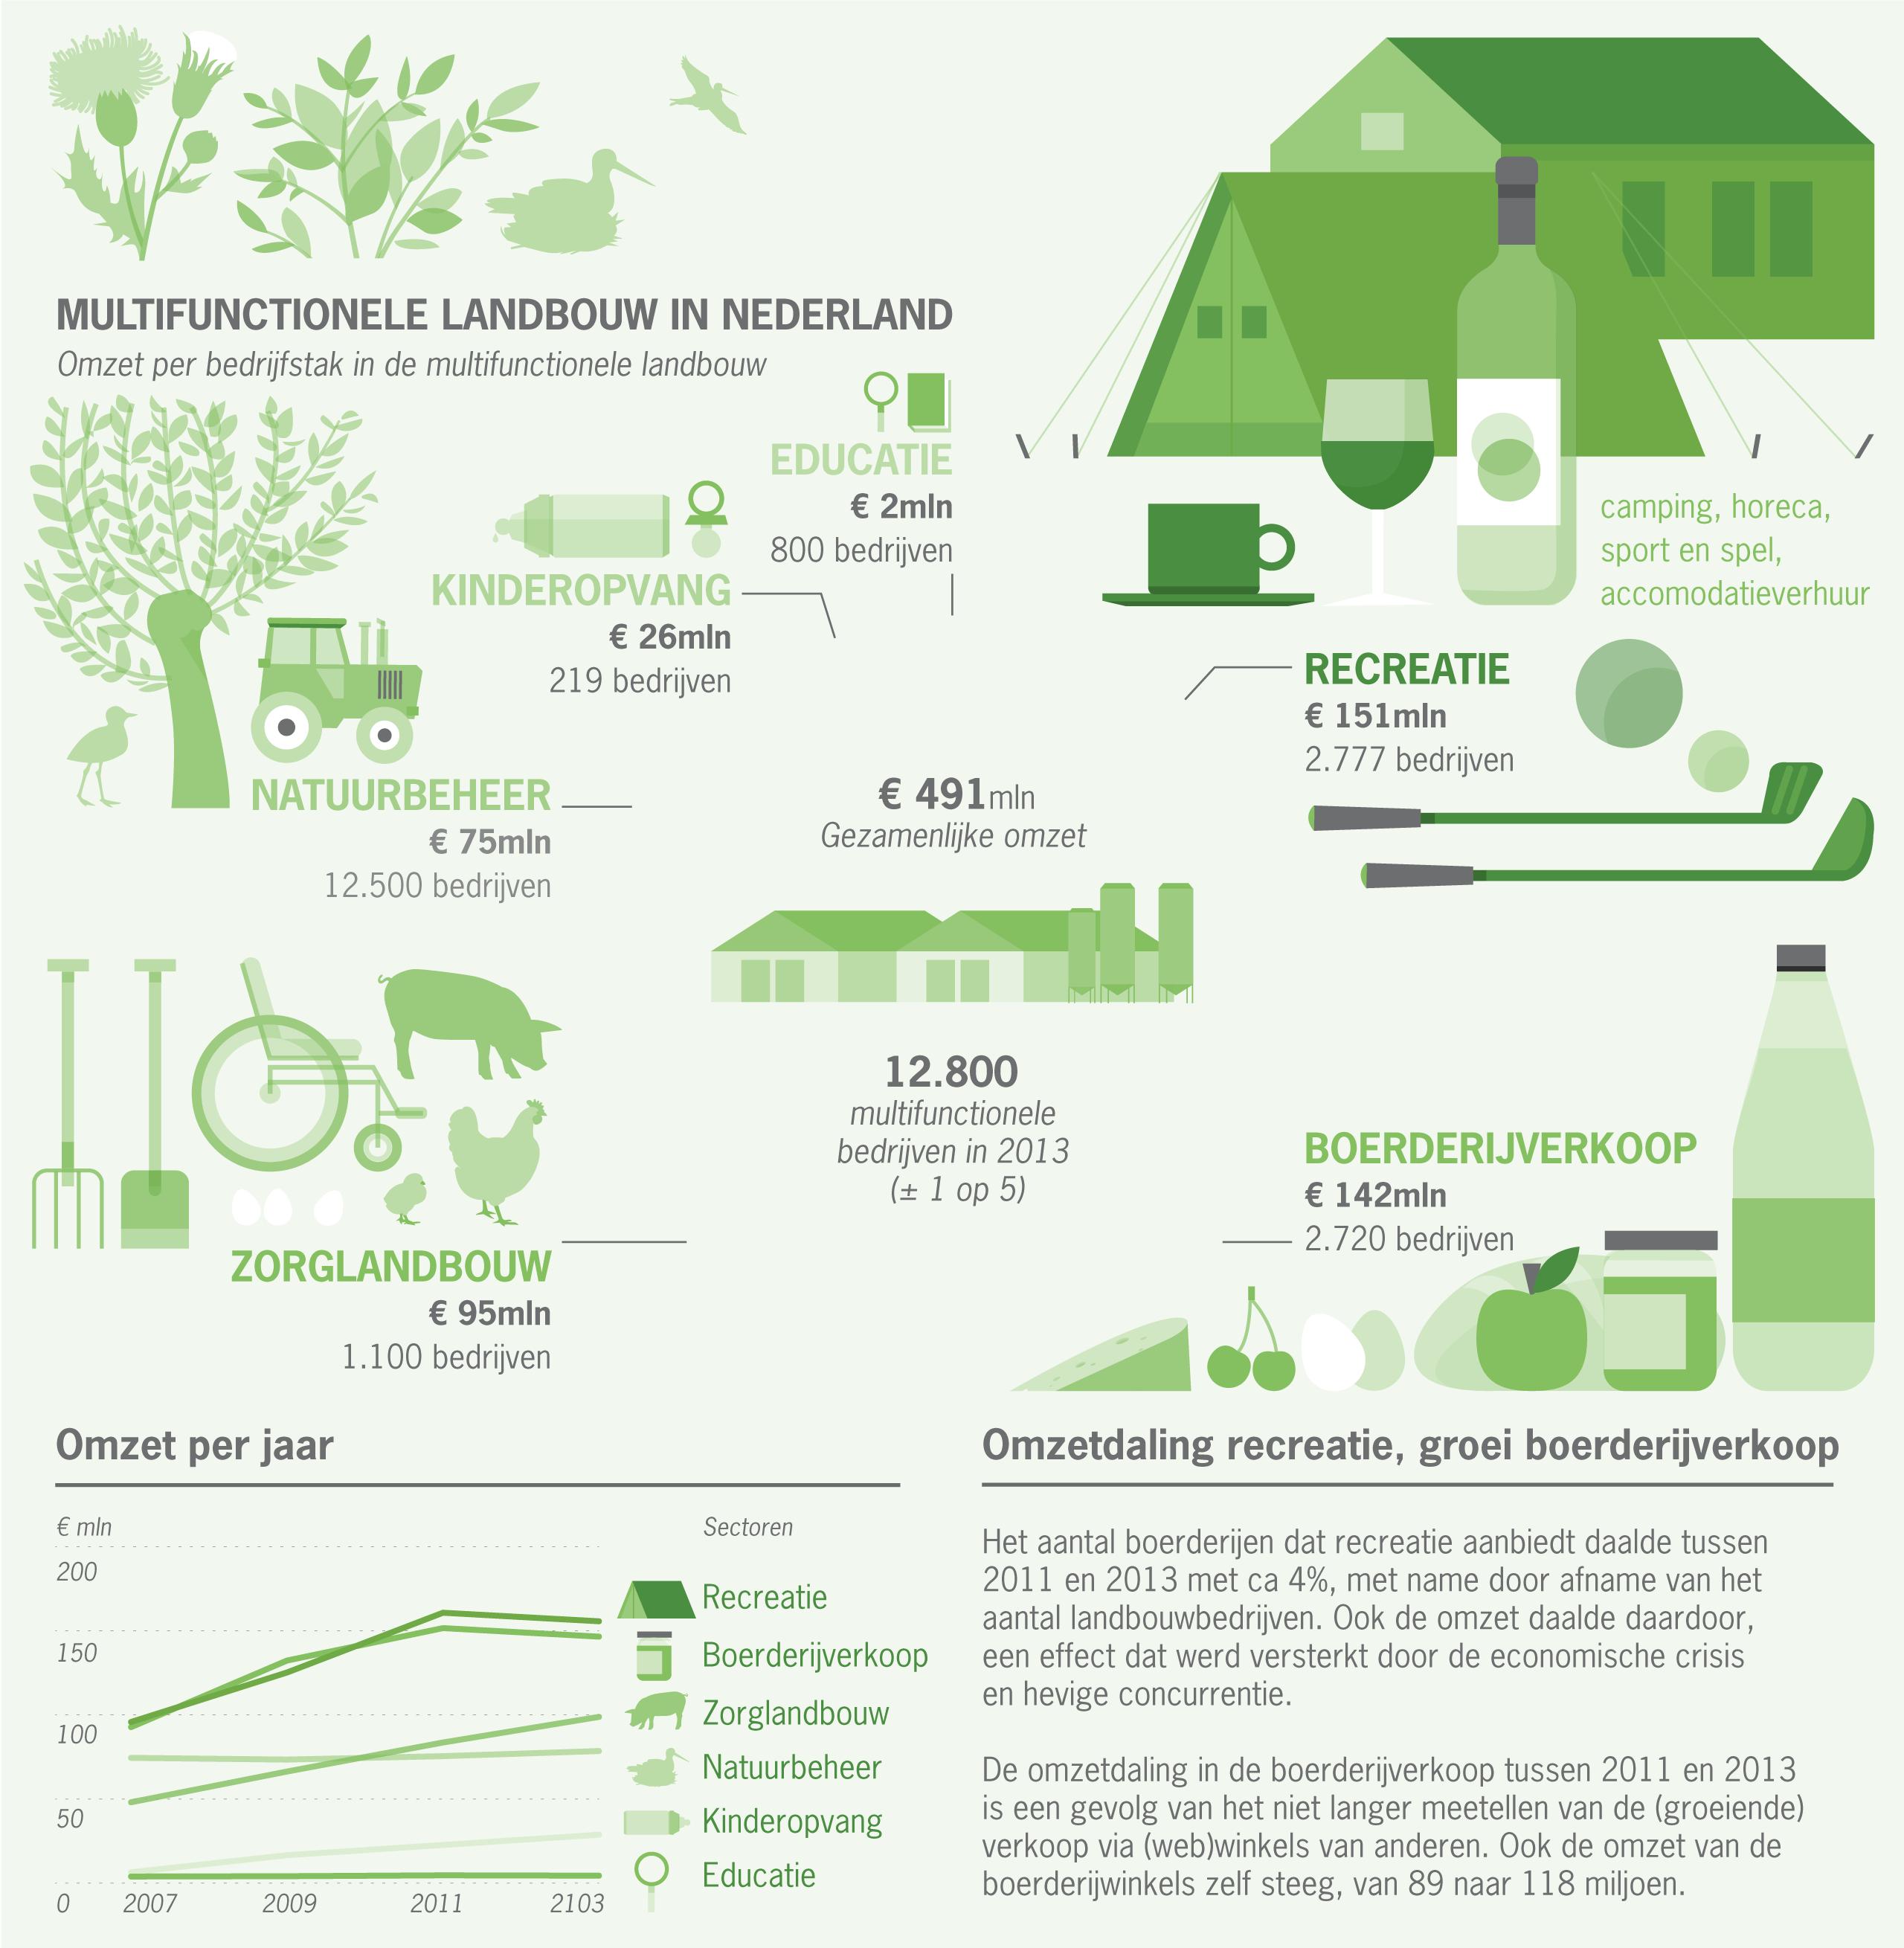 Multifunctionele-landbouw